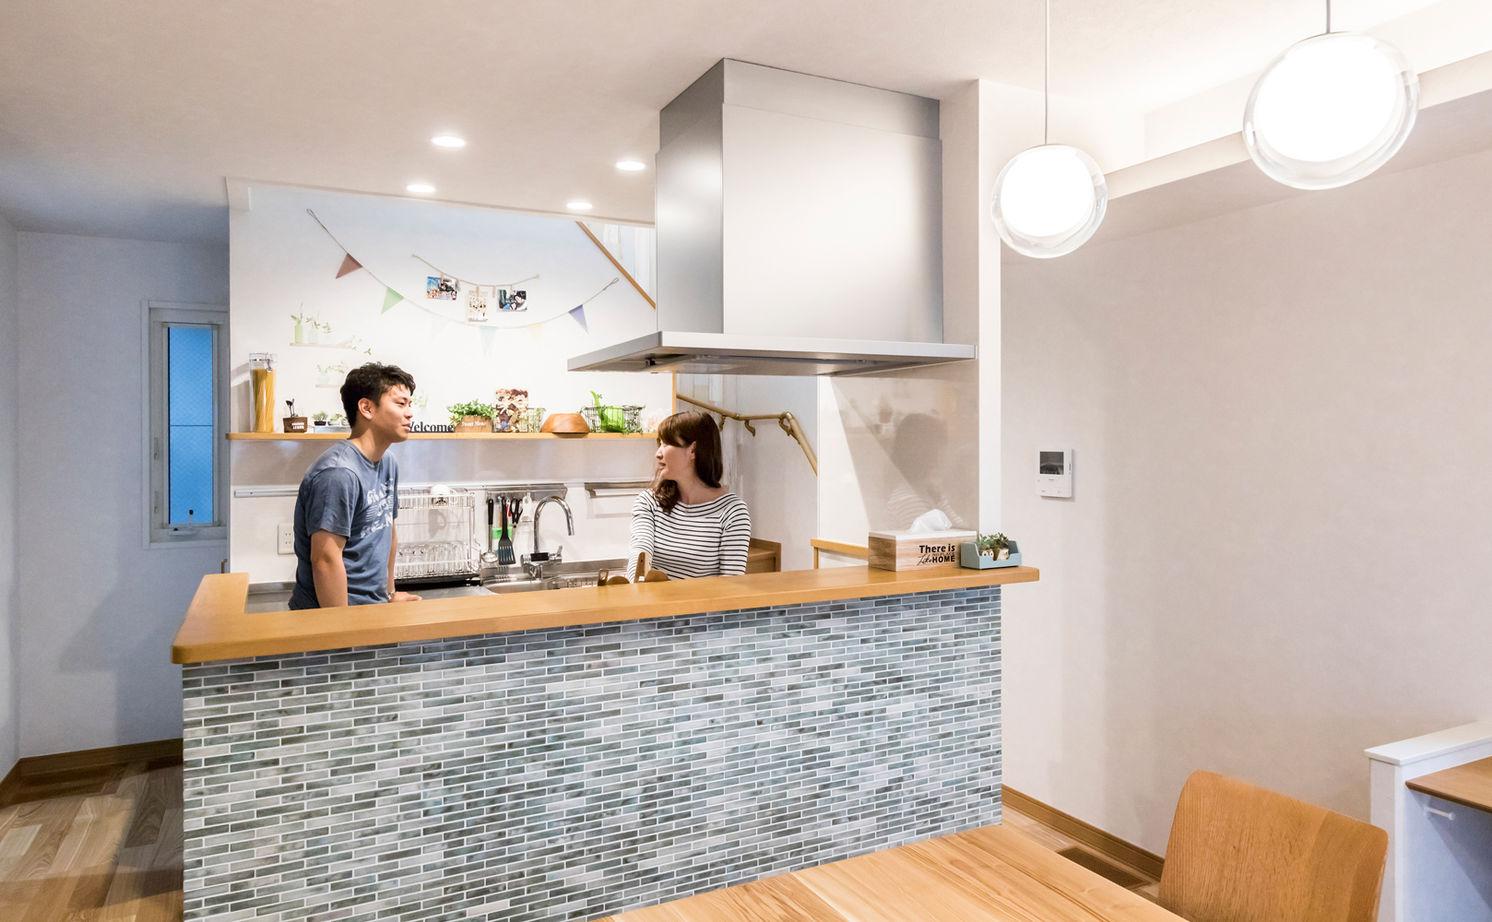 共働き夫婦のこだわりは動線と収納 30坪の敷地を最大限に活かした家画像1